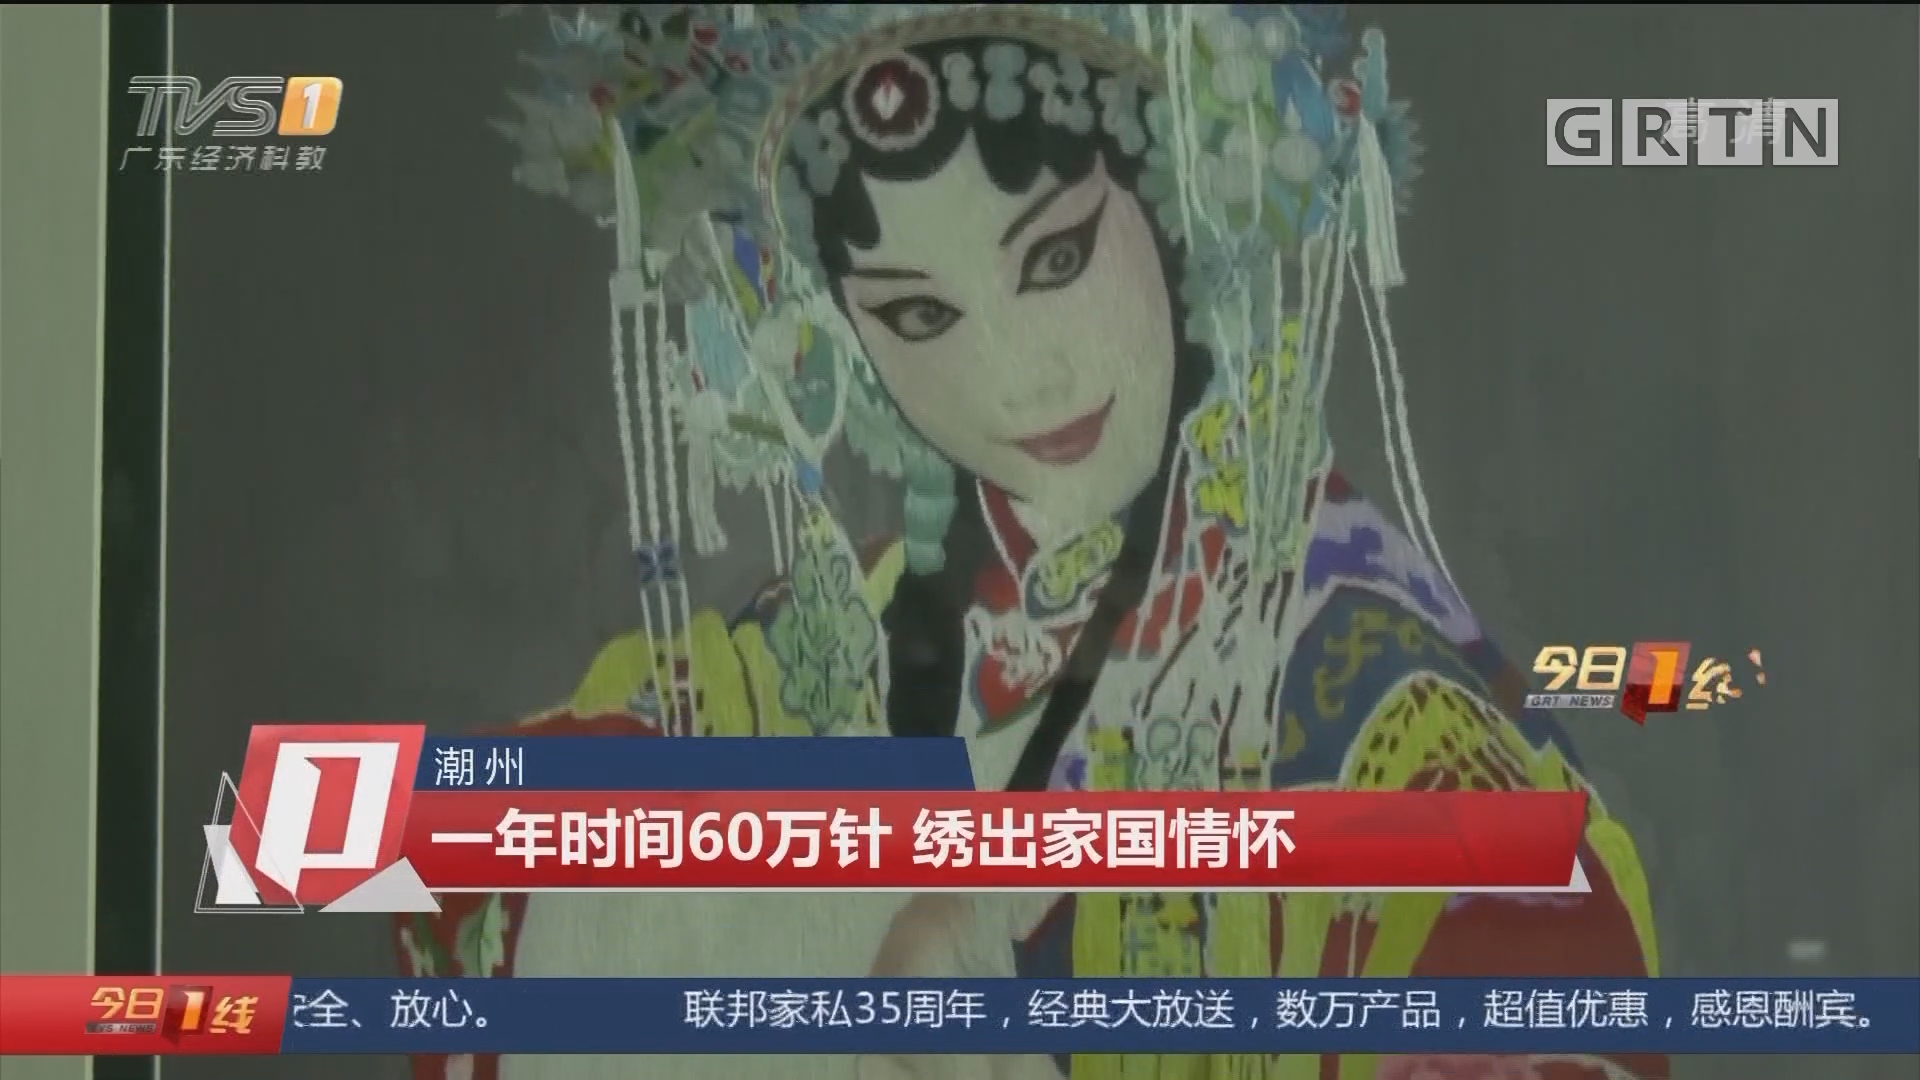 潮州:一年时间60万针 绣出家国情怀